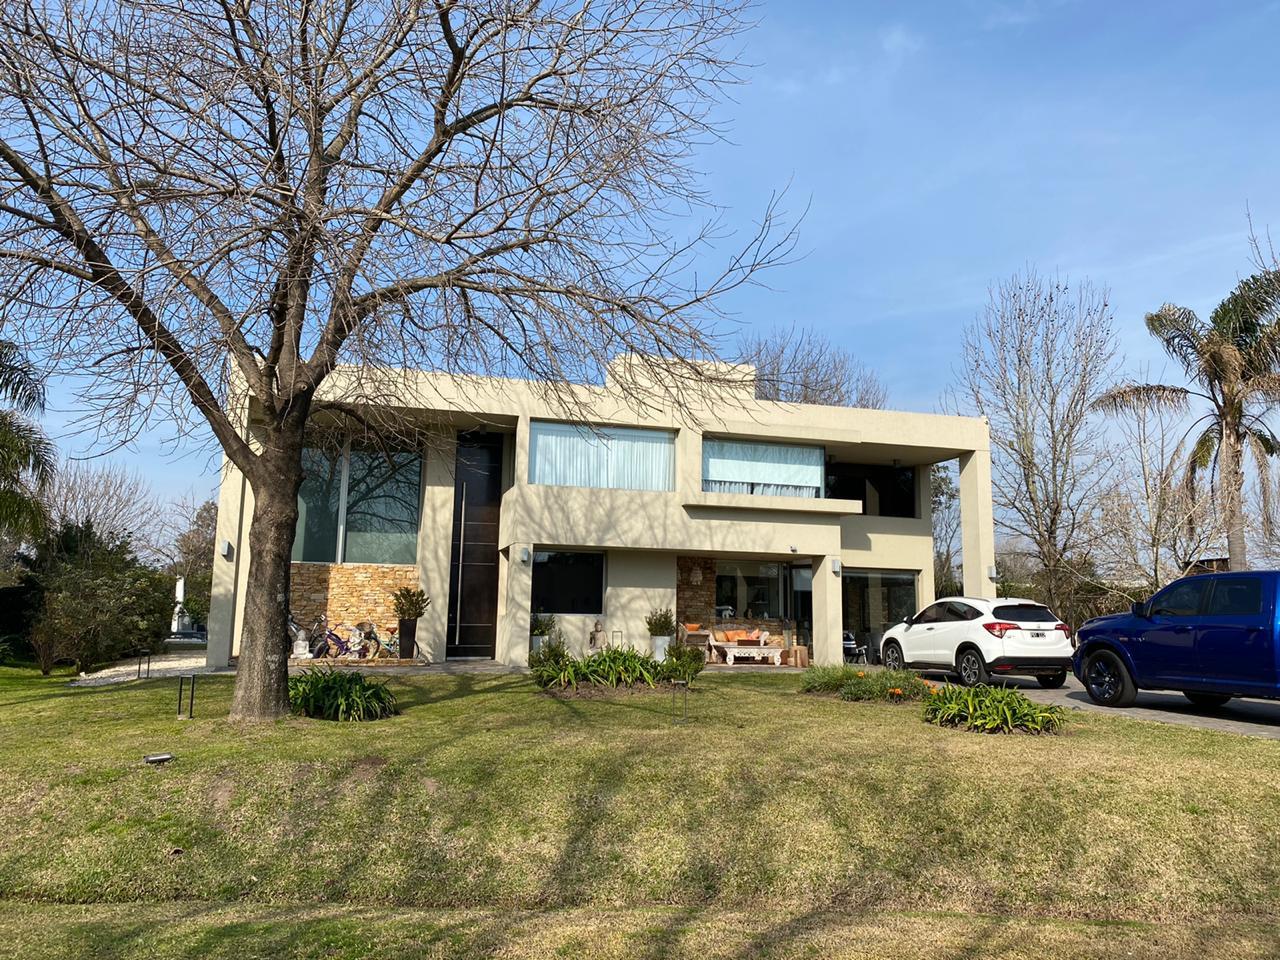 Casa 5 Ambientes Lote 1028 m² – 320 m² Cub. – Detalles de Categoría – Carola Lorenzini 4951 -Bº Privado San Patricio – Moreno